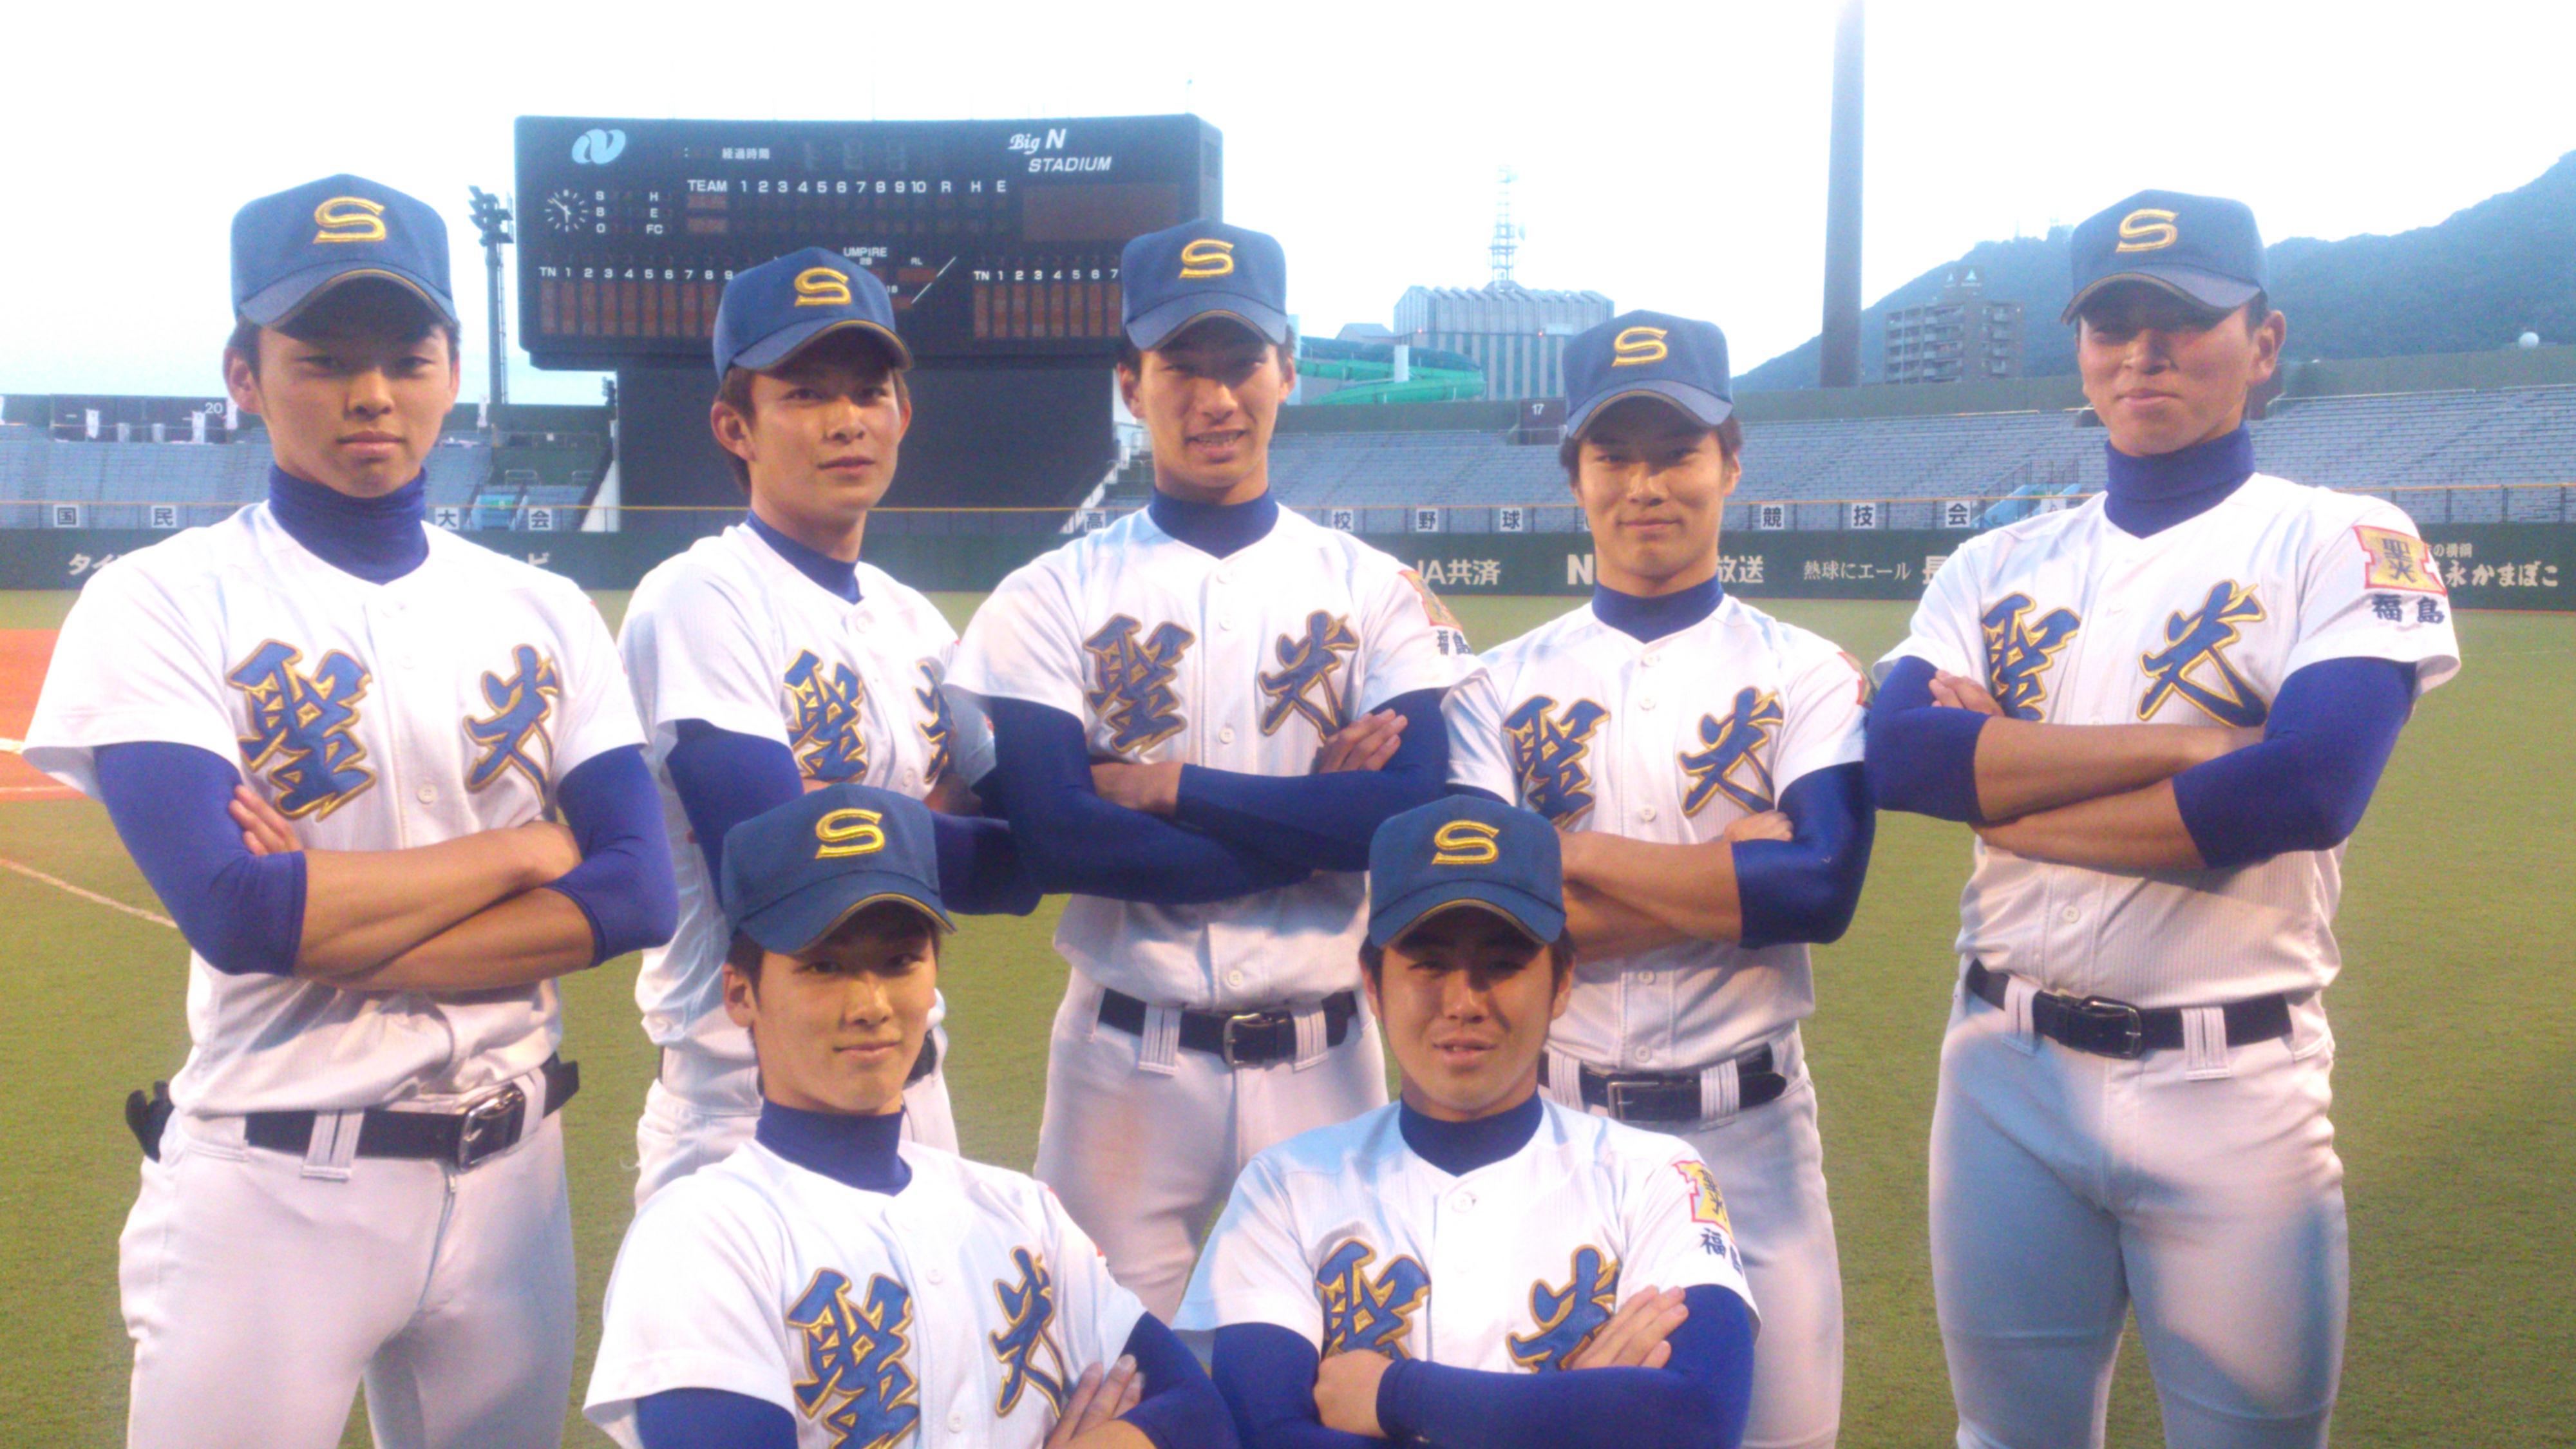 聖光学院野球部の過去の甲子園結果や予定は?小泉徹平やプロ野球選手も!